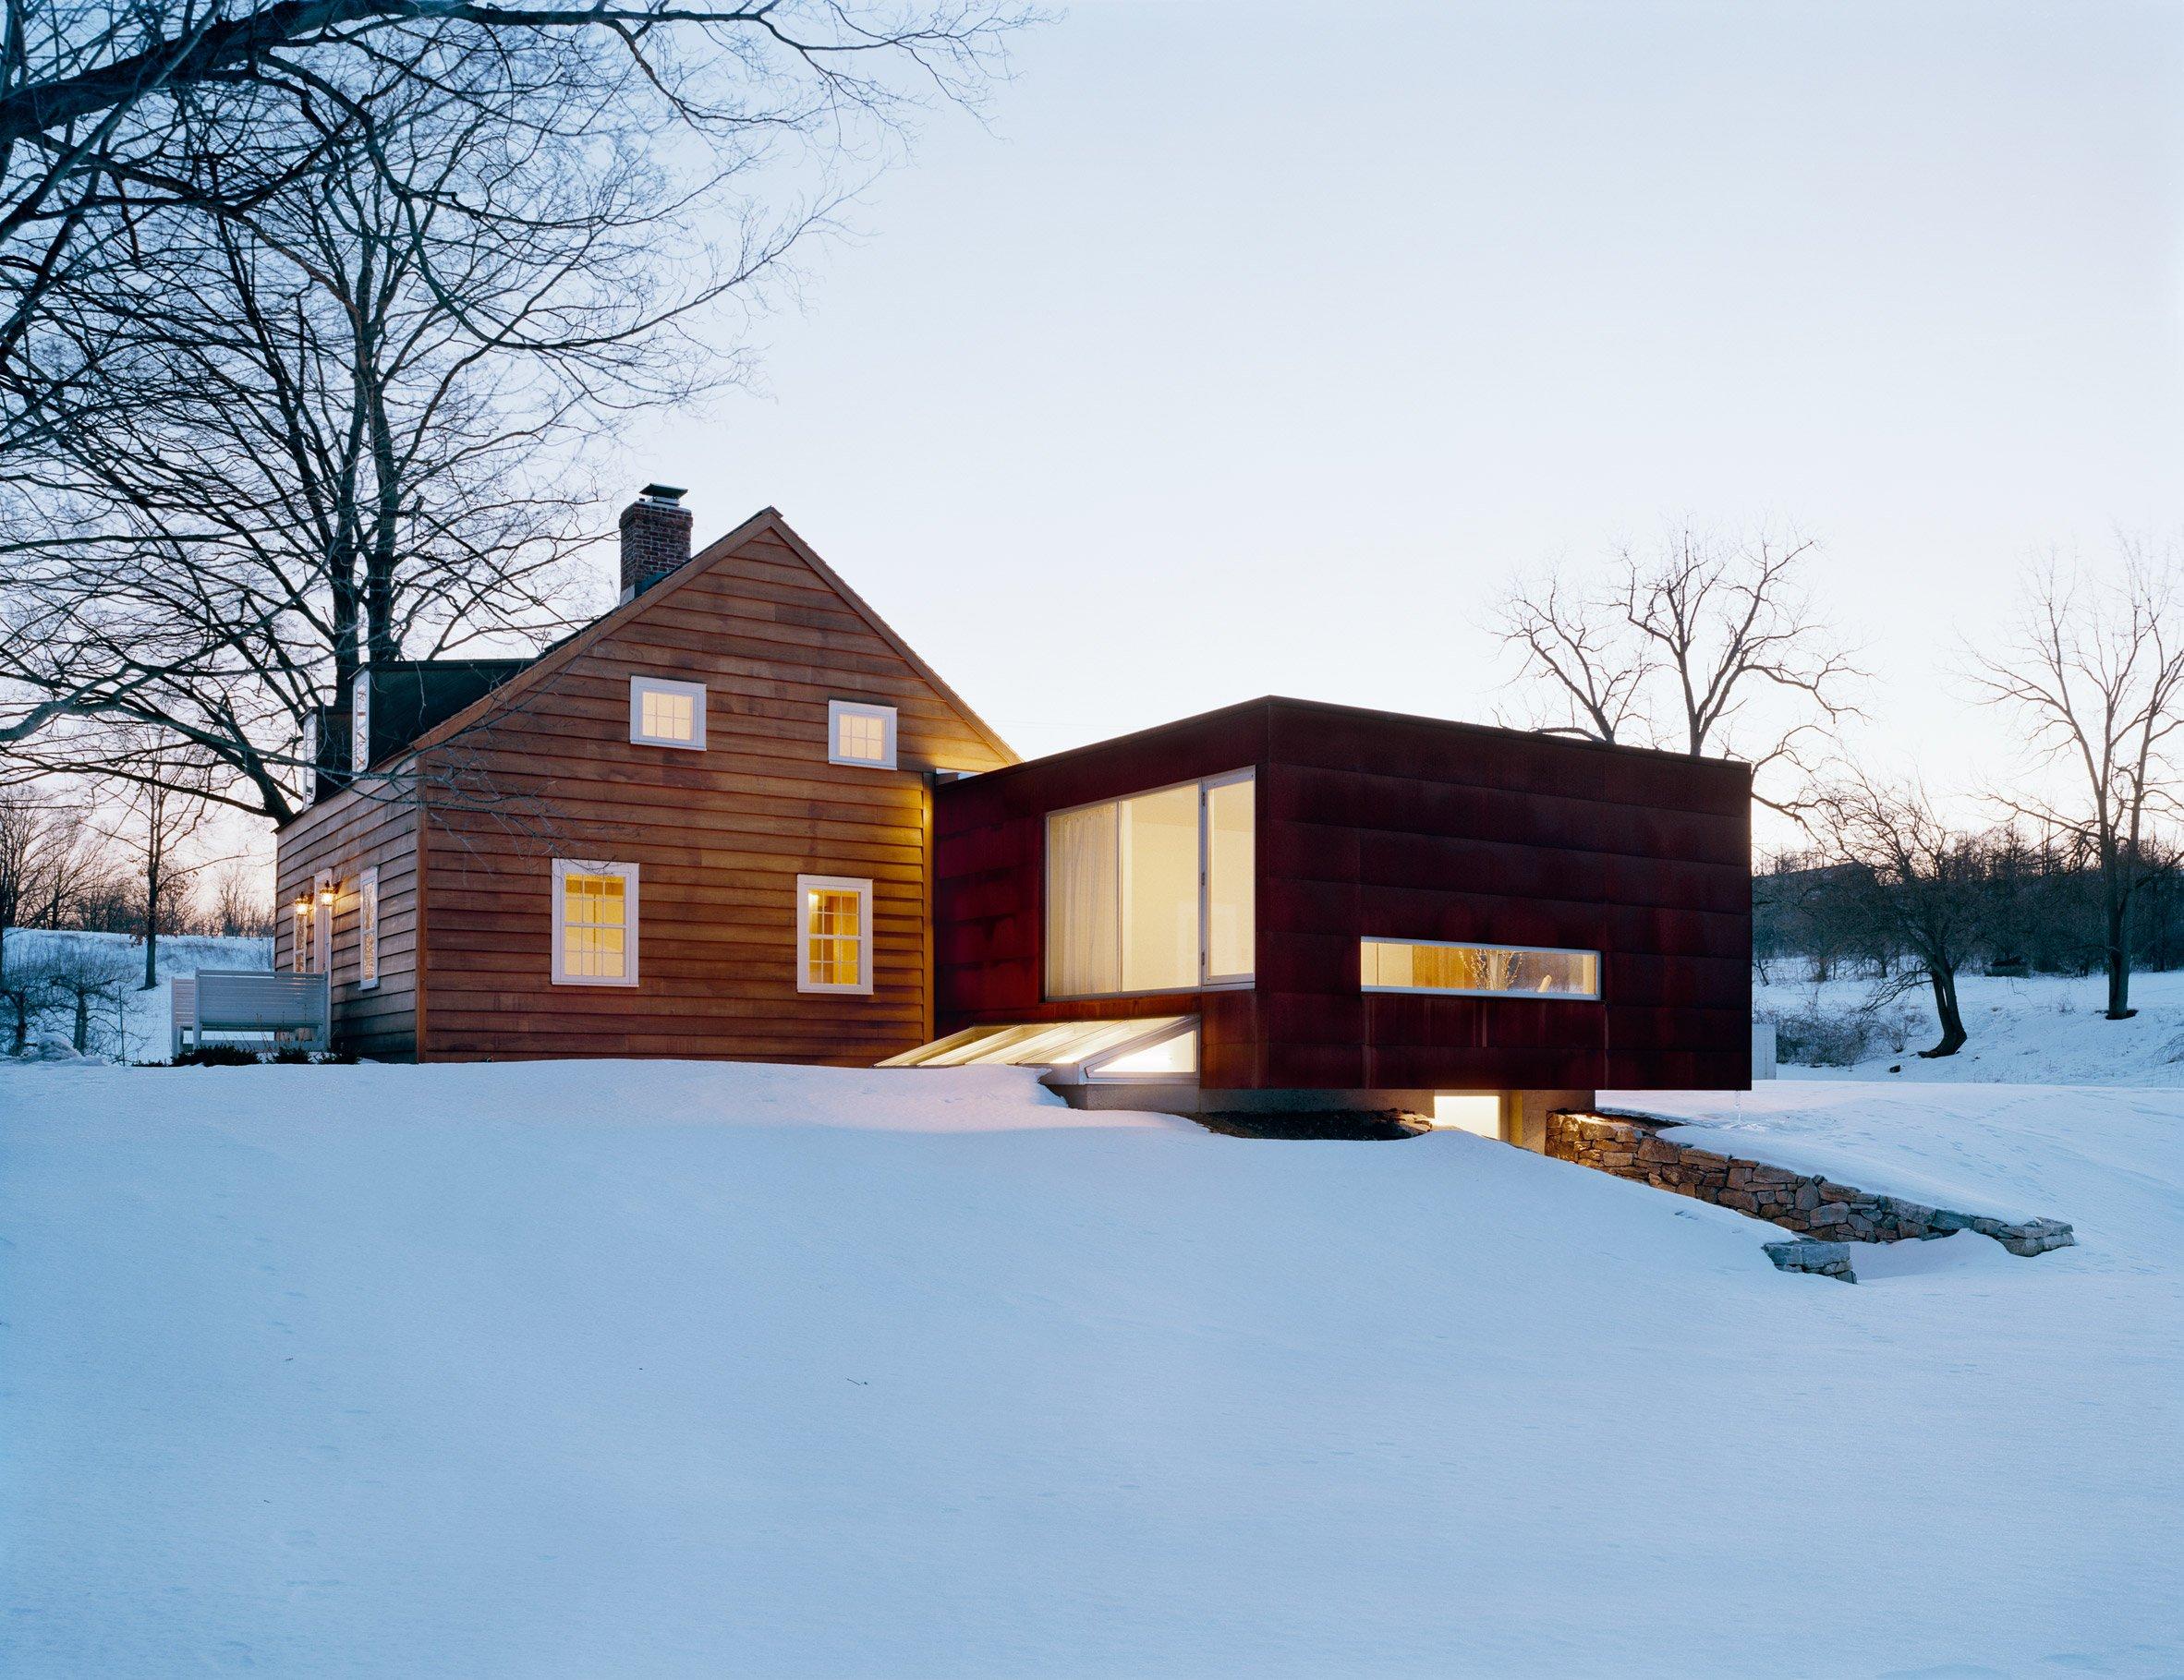 Ten Broeck Cottage by Ten Broeck Cottage